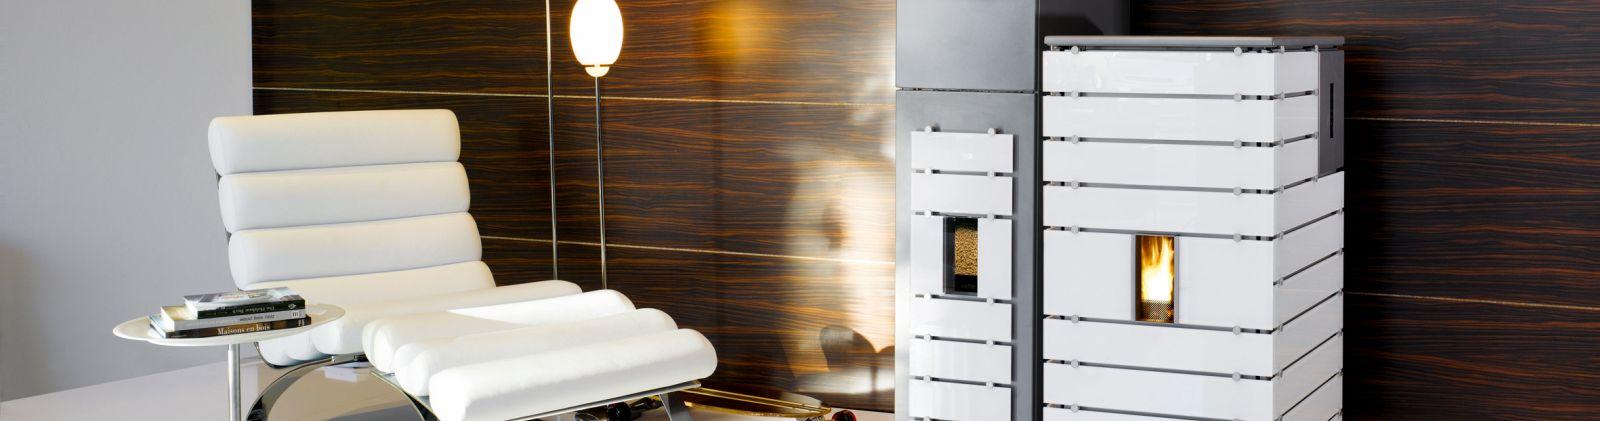 Der Holzpellets-Kessel für das Wohnzimmer | Bachmayer ...